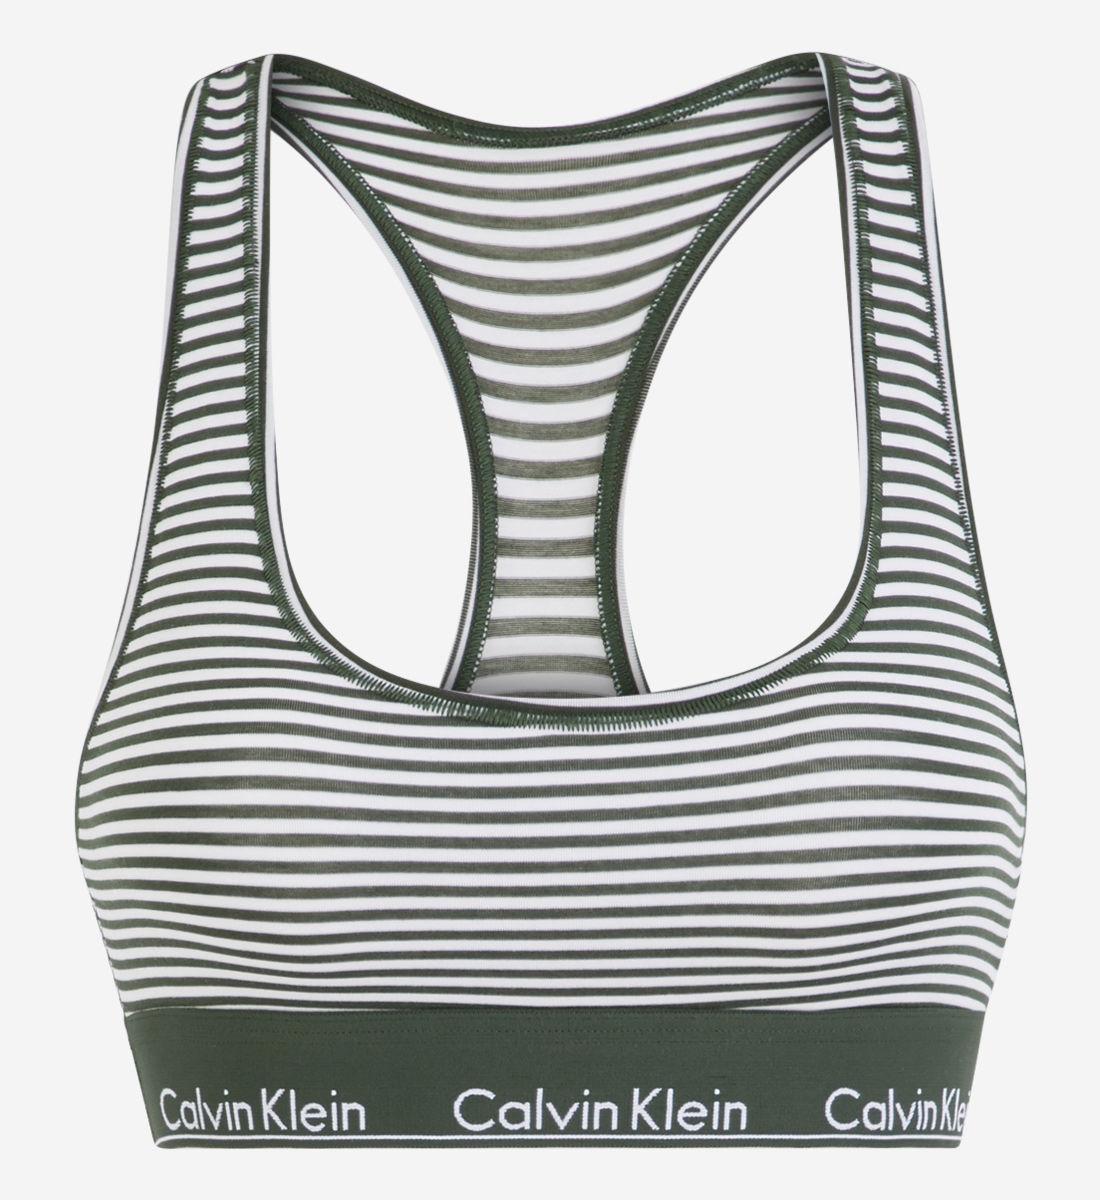 Brassière Klein Modern Blanc Calvin Cotton yv0O8mwNn